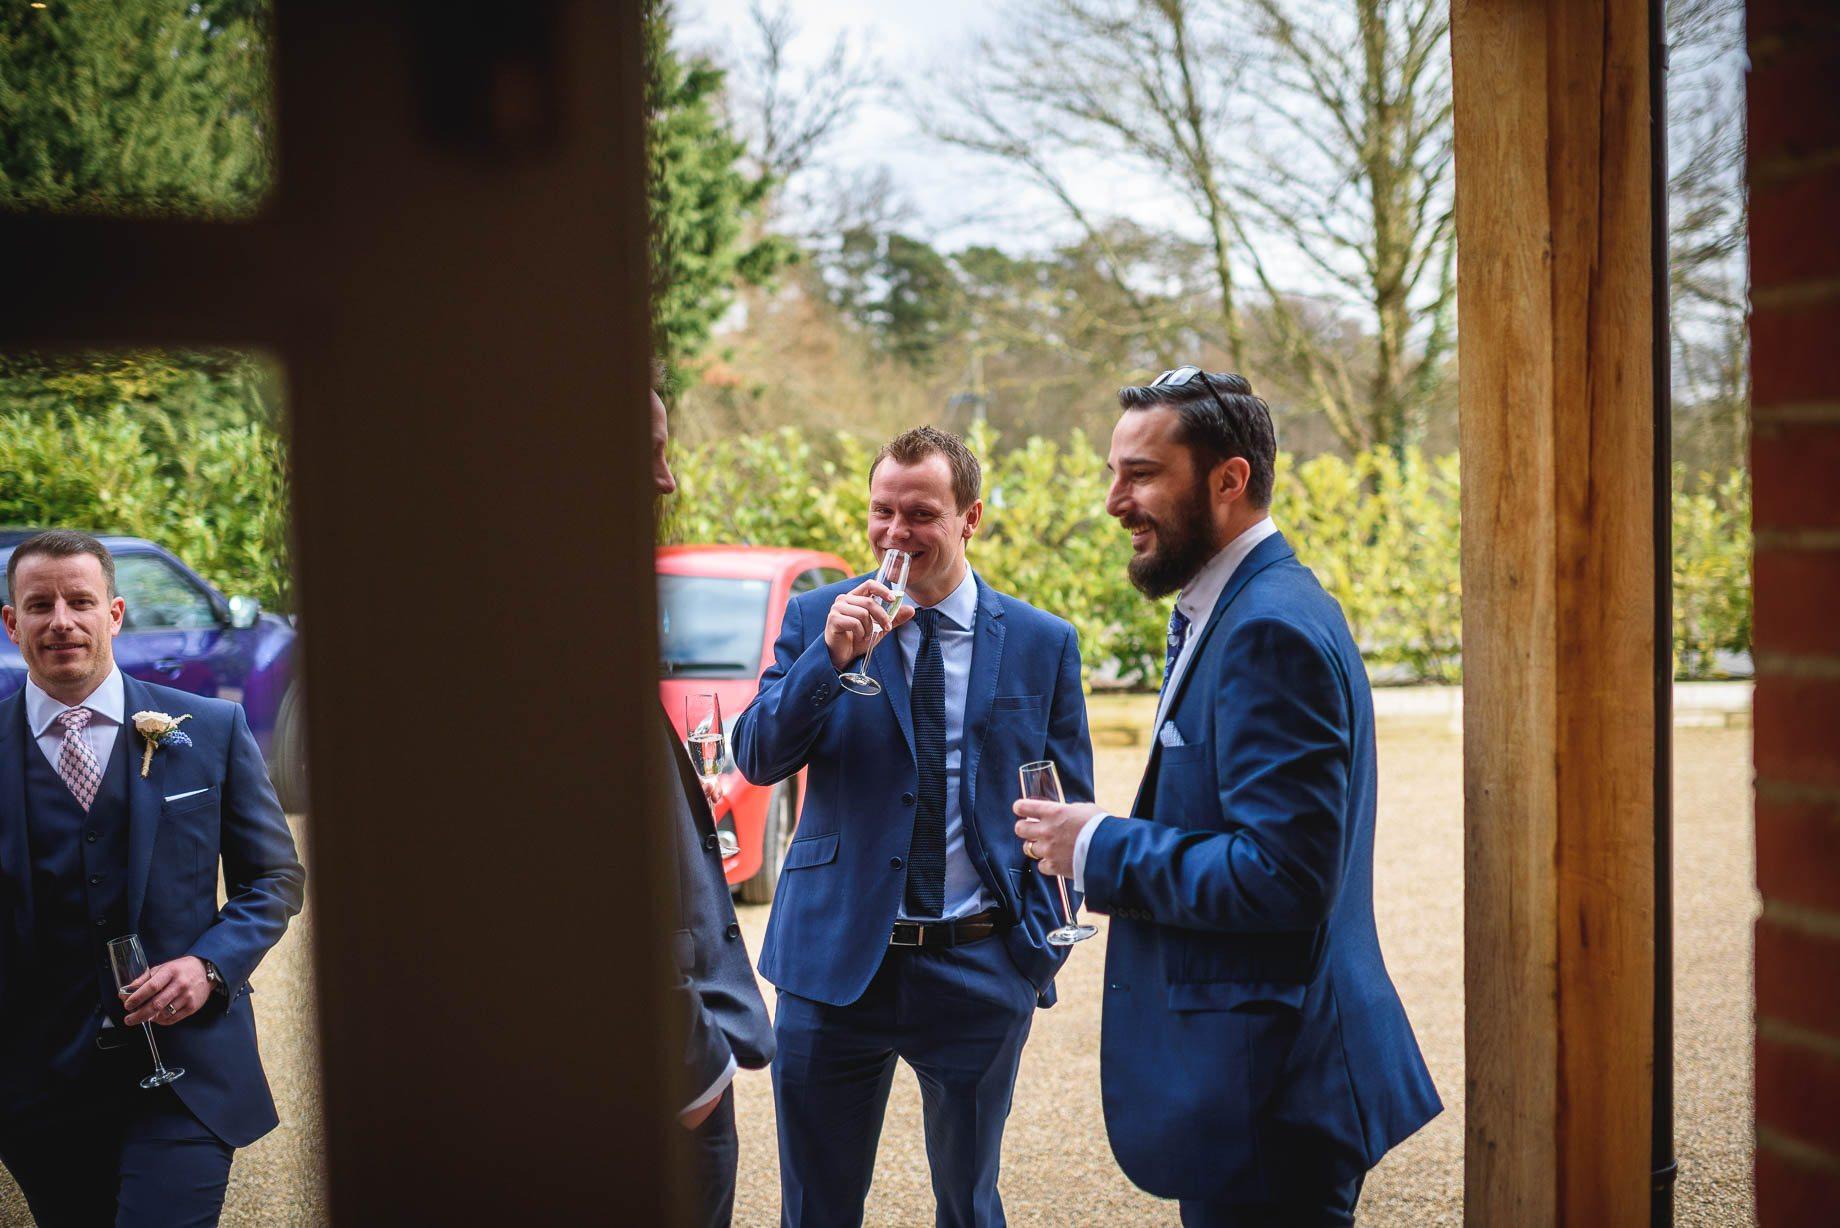 Millbridge Court Wedding Photography - Lisa and Daniel (80 of 173)